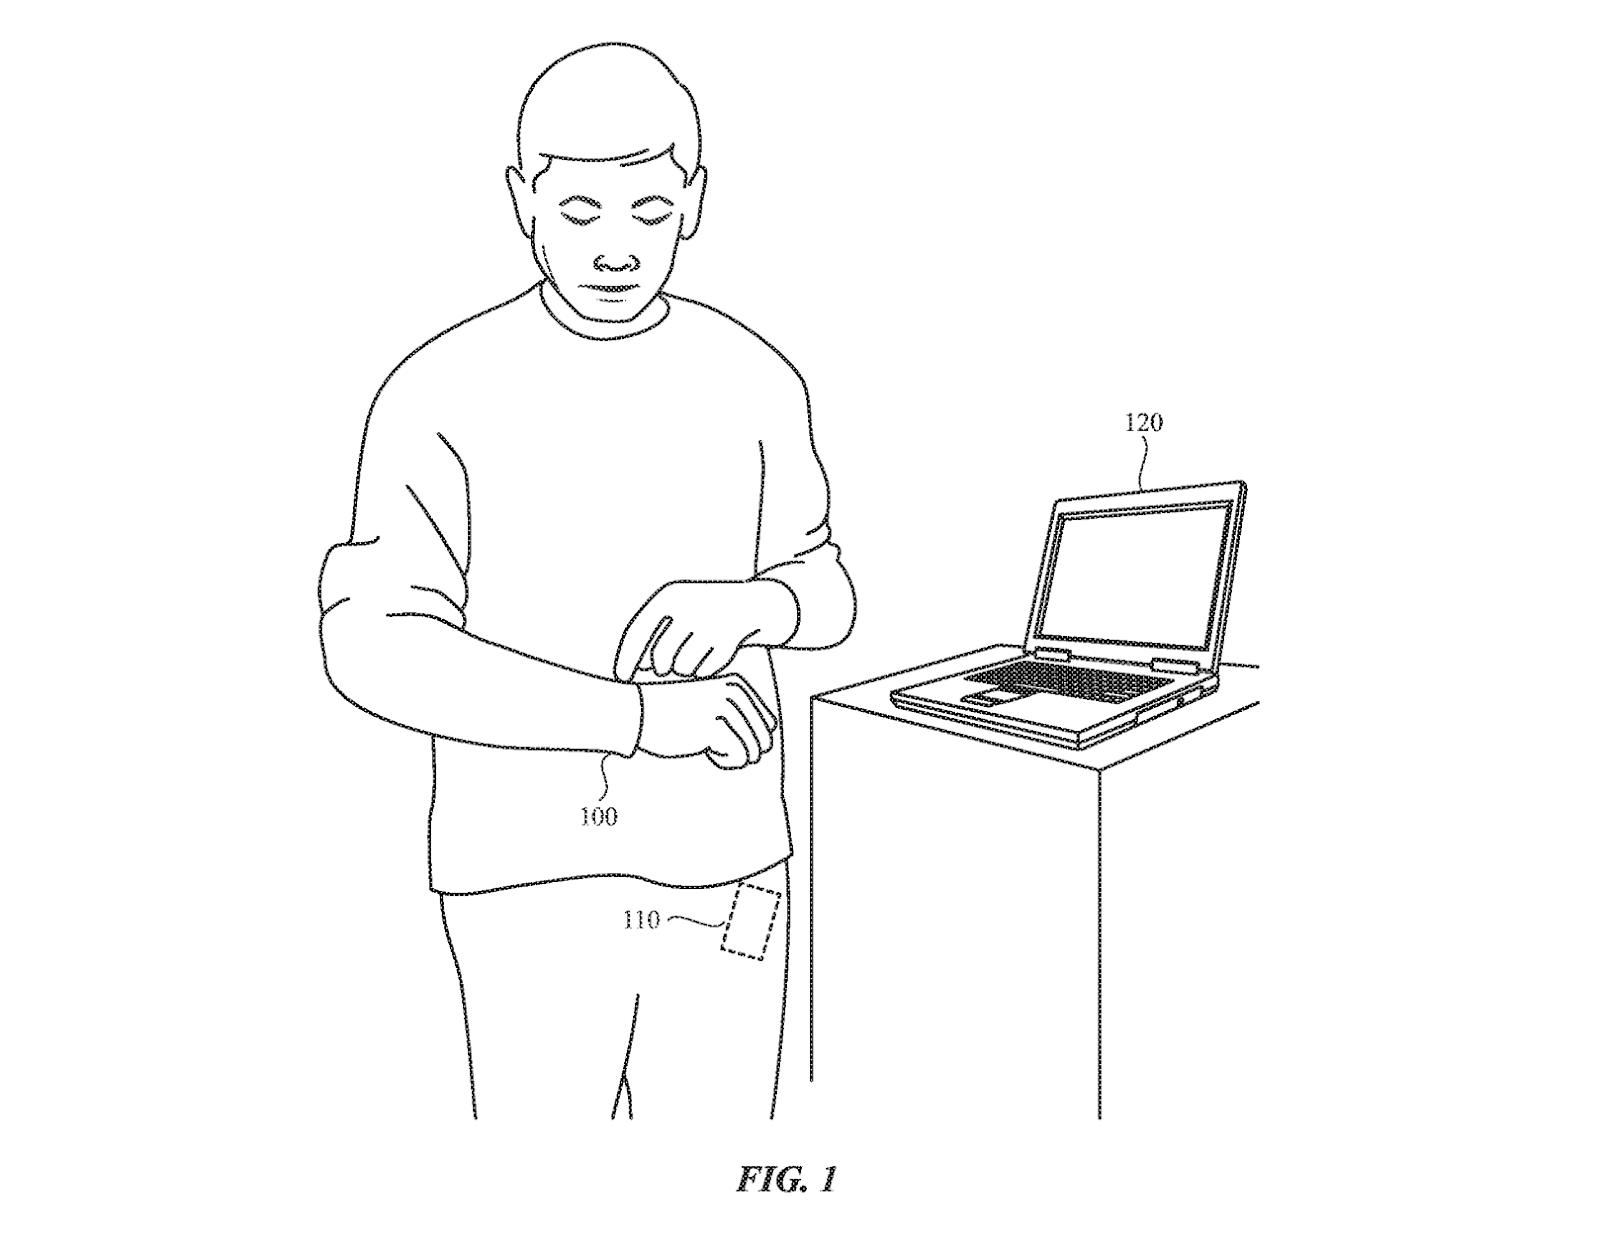 Rysunek z patentu złożonego przez Apple. Człowiek stoi przy laptopie i dotyka rękawa swojej bluzy. W jego kieszeni znajduje się schowany prostokąt